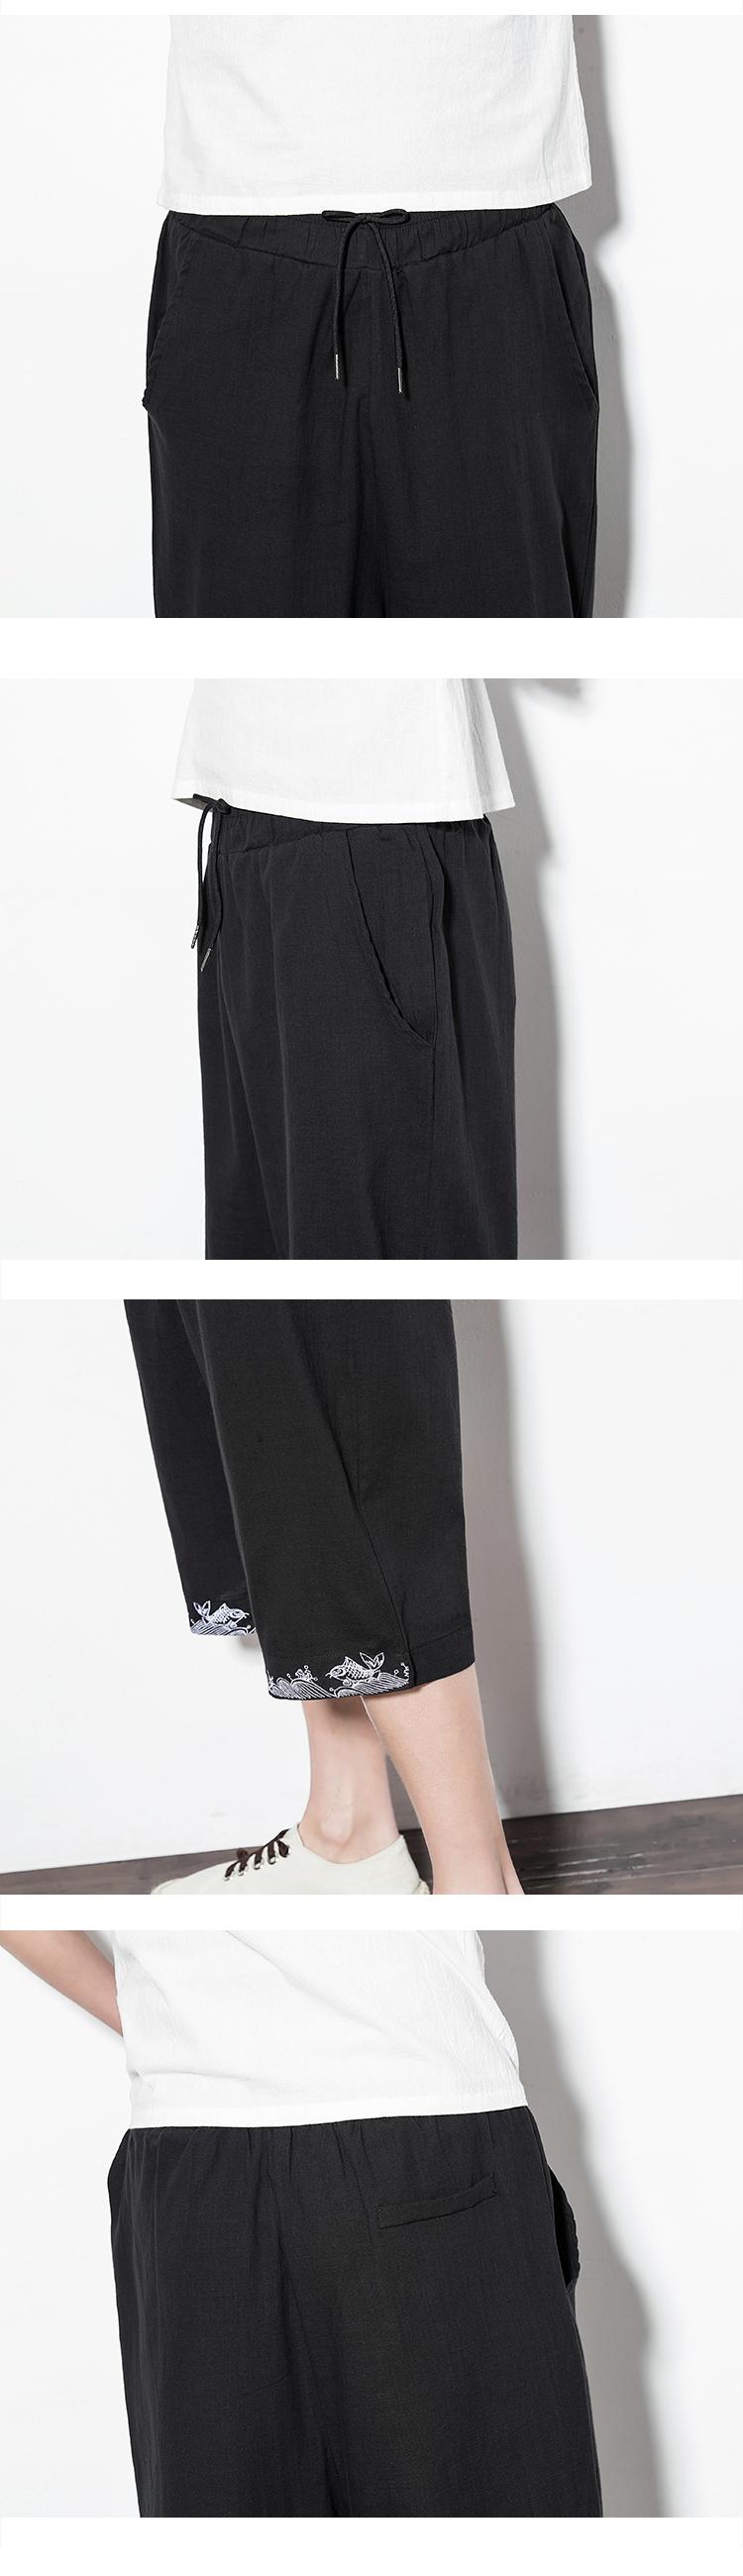 中国风棉麻男裤子夏季薄款宽松七分裤男士亚麻休闲裤男装阔腿中裤